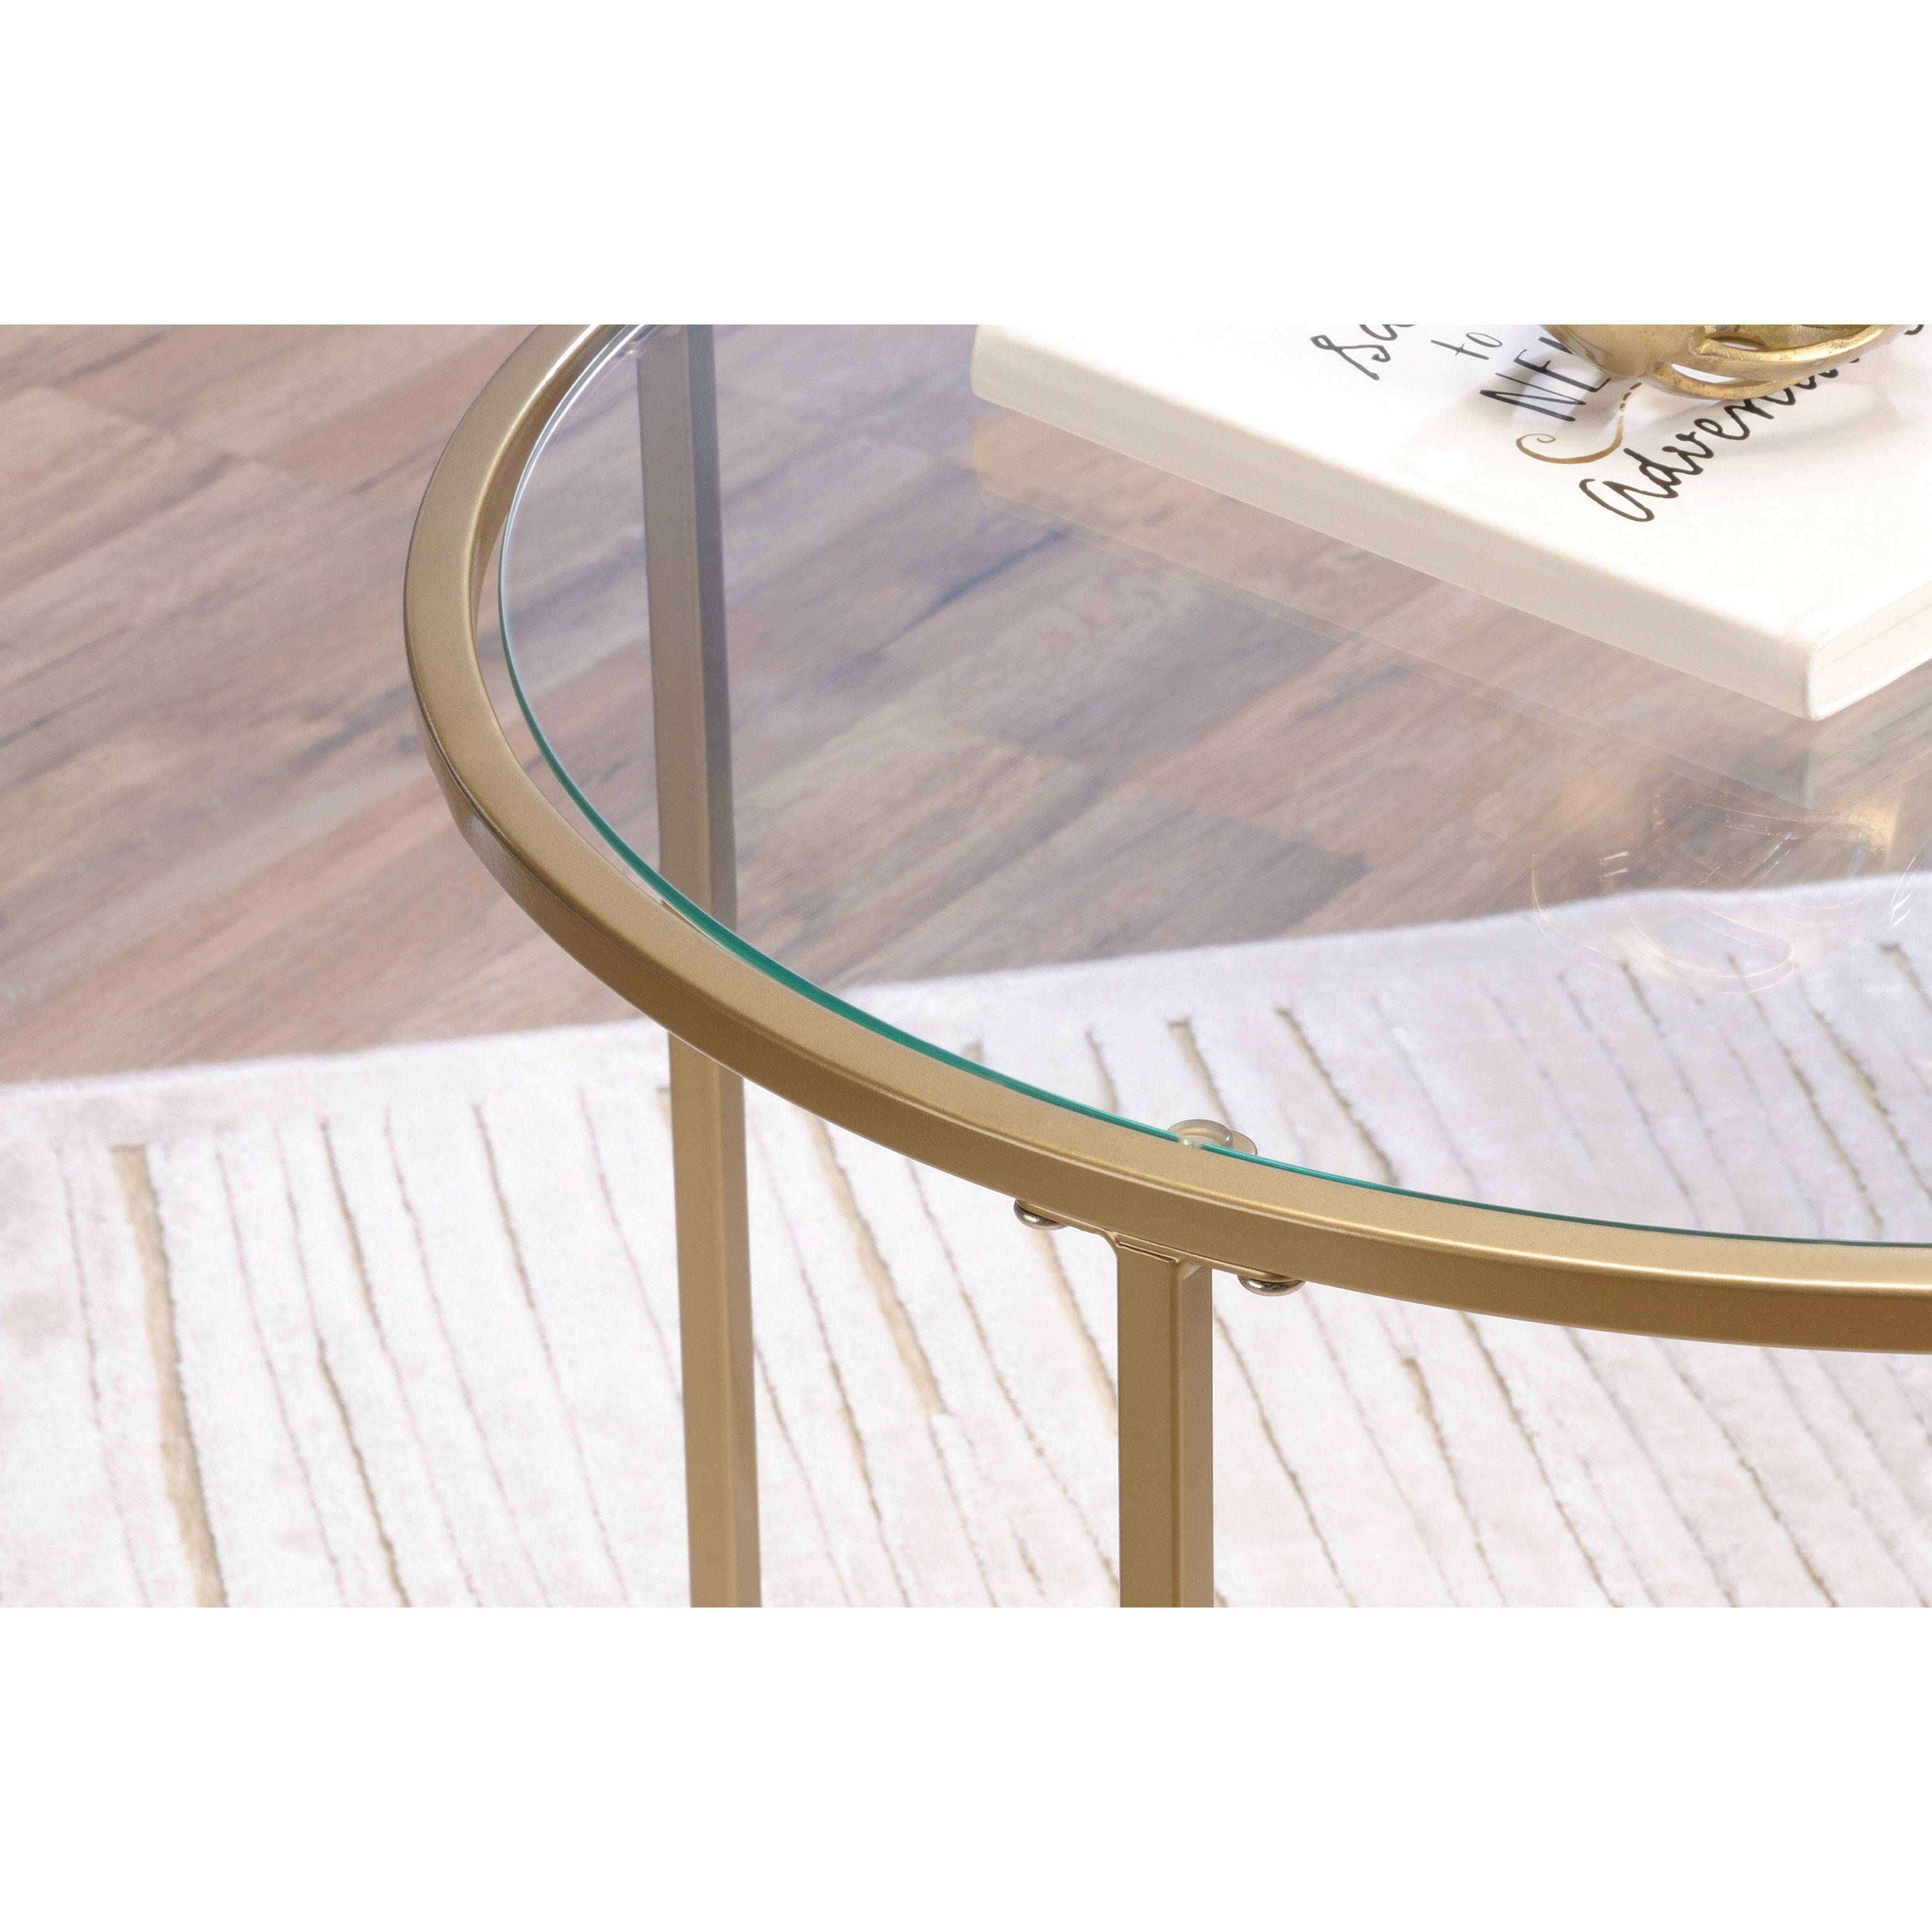 Sauder International Round Lux End Table